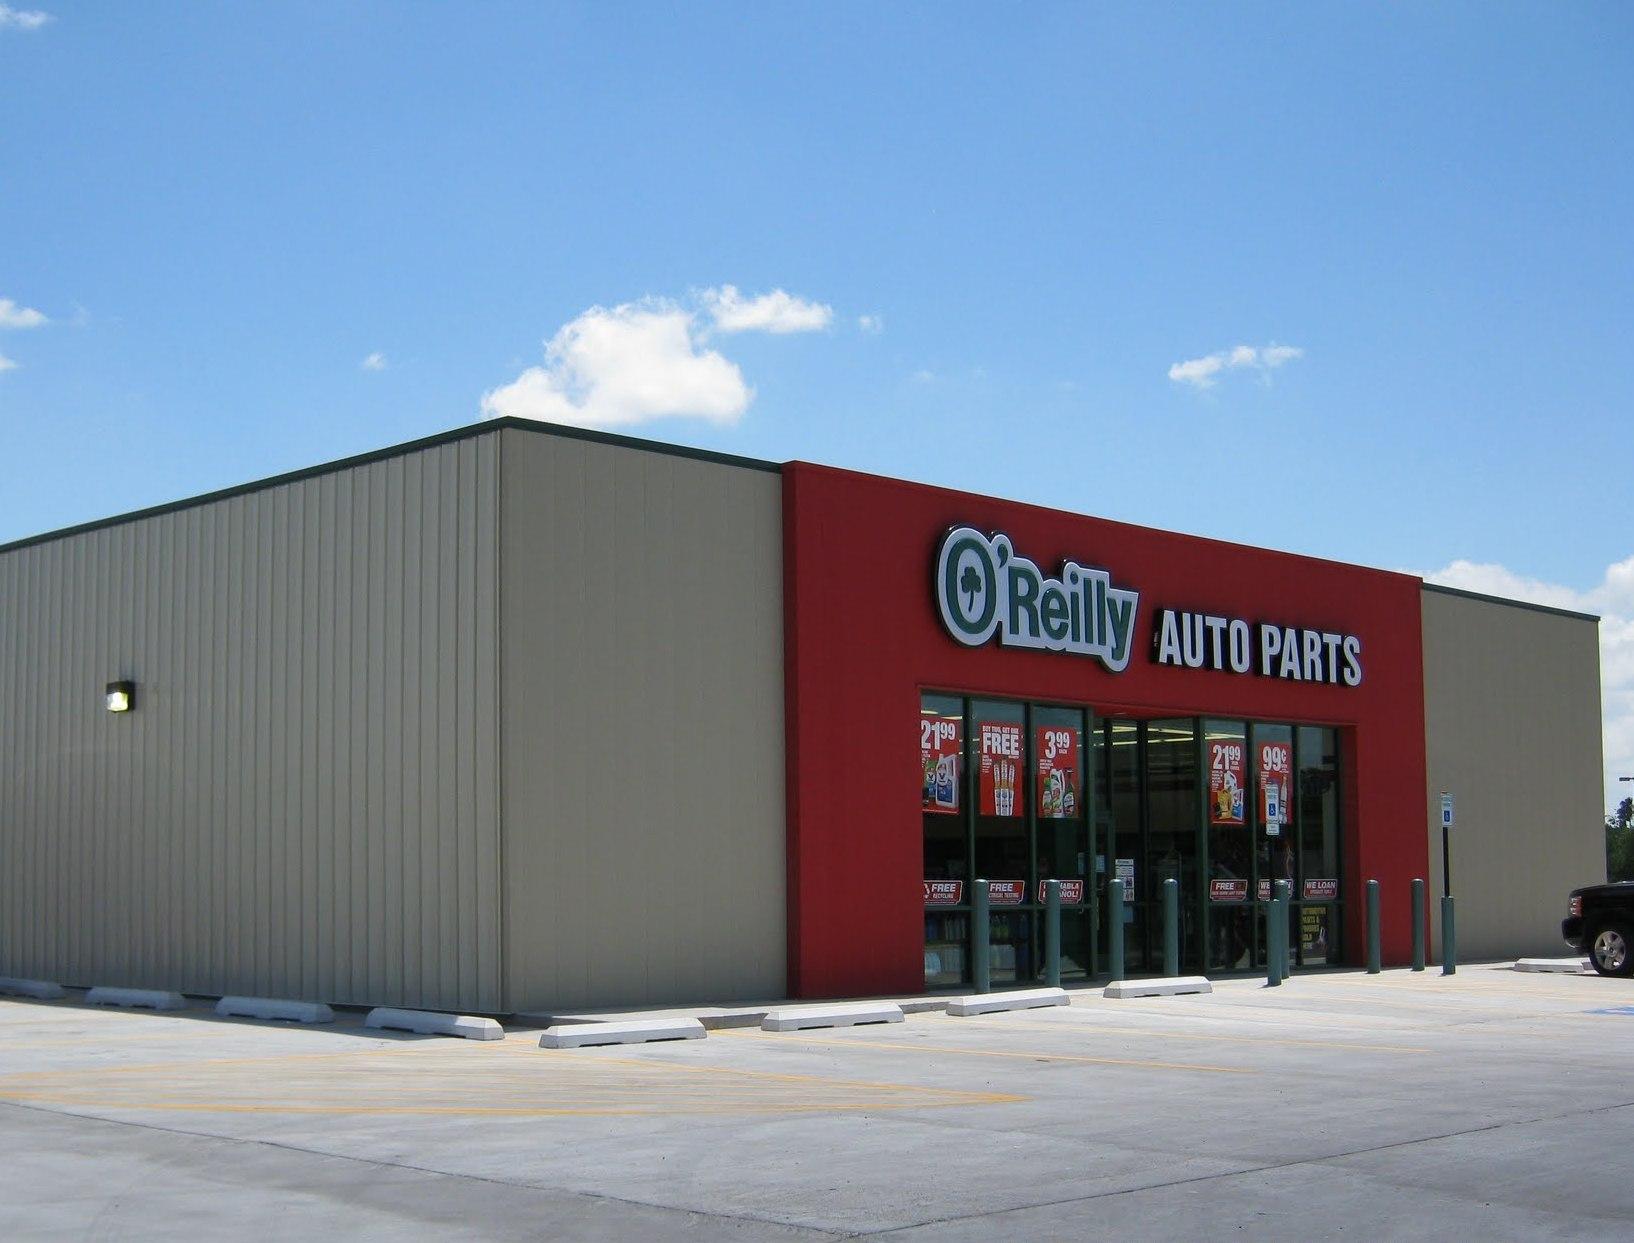 Gillman Harlingen Tx >> O'Reilly Auto Parts, San Benito Texas (TX) - LocalDatabase.com